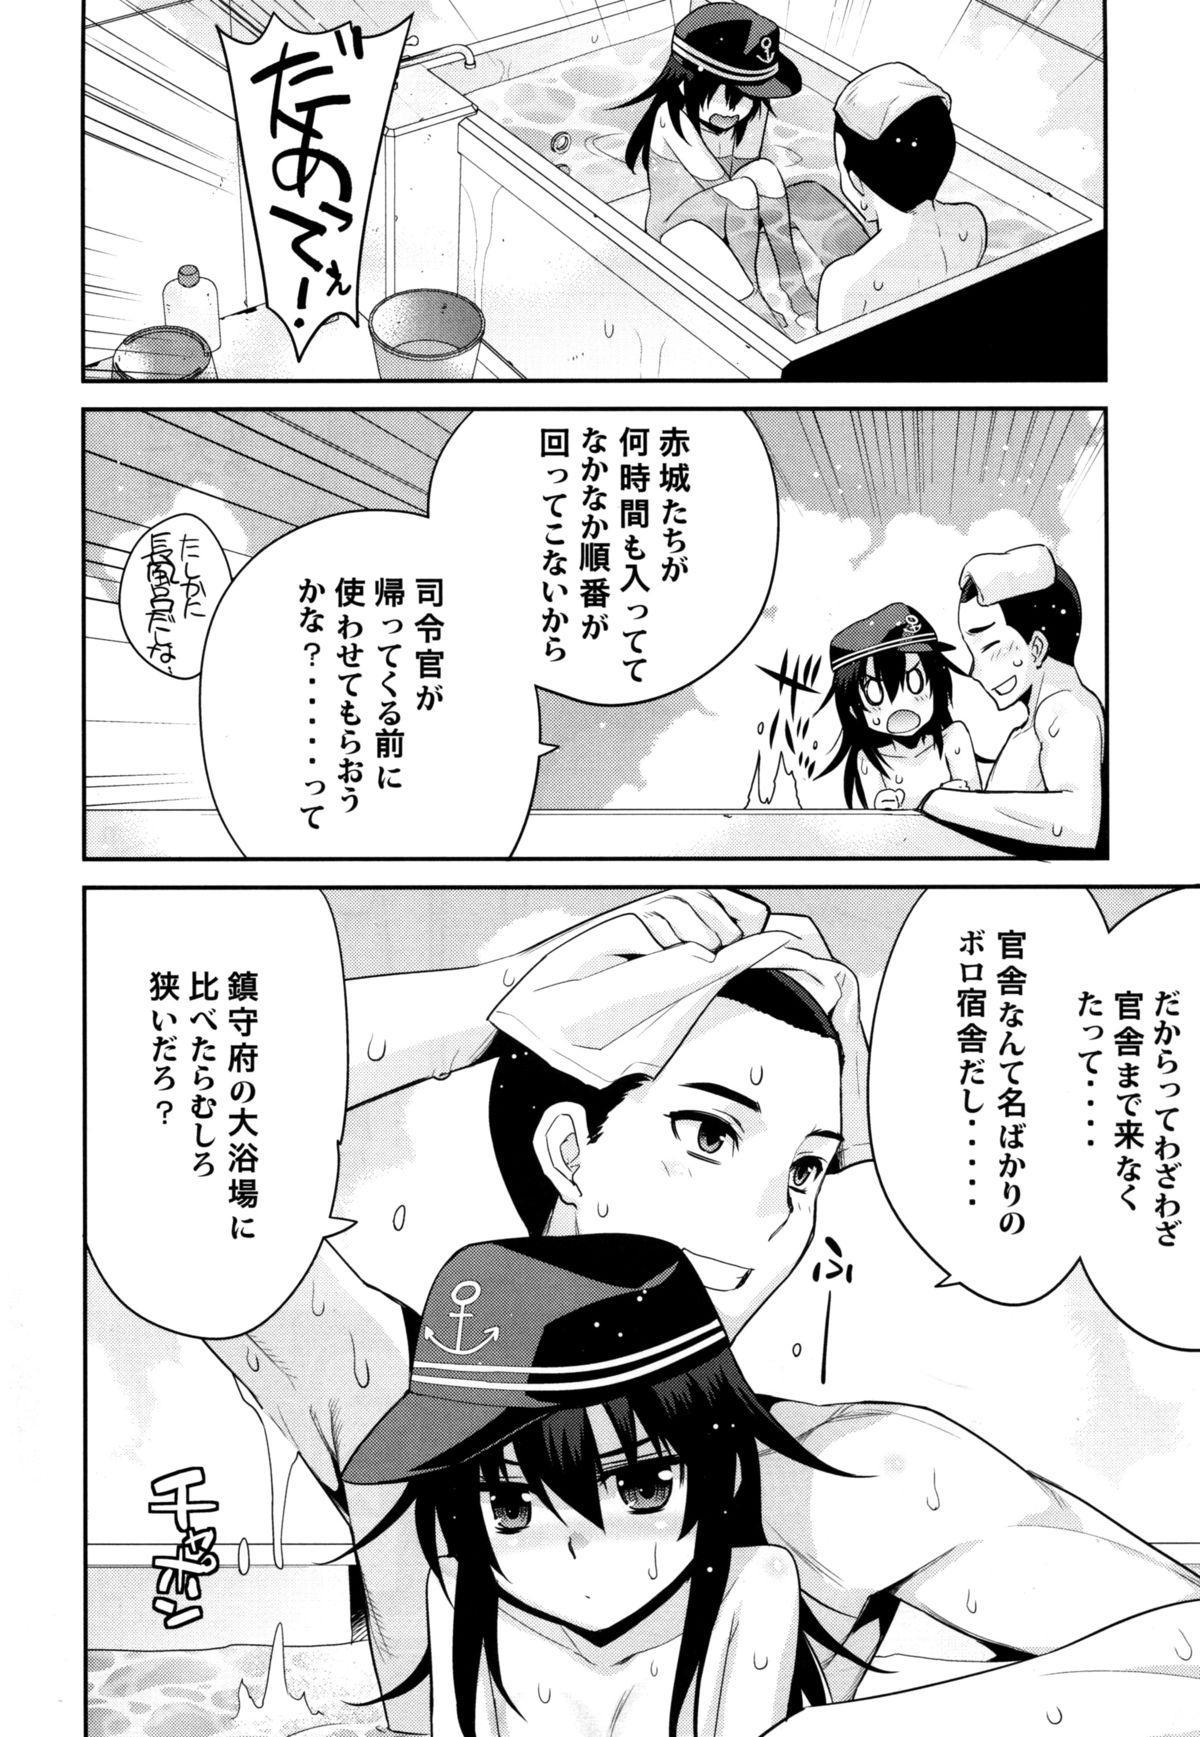 Ofuro Kantai Akatsuki 3